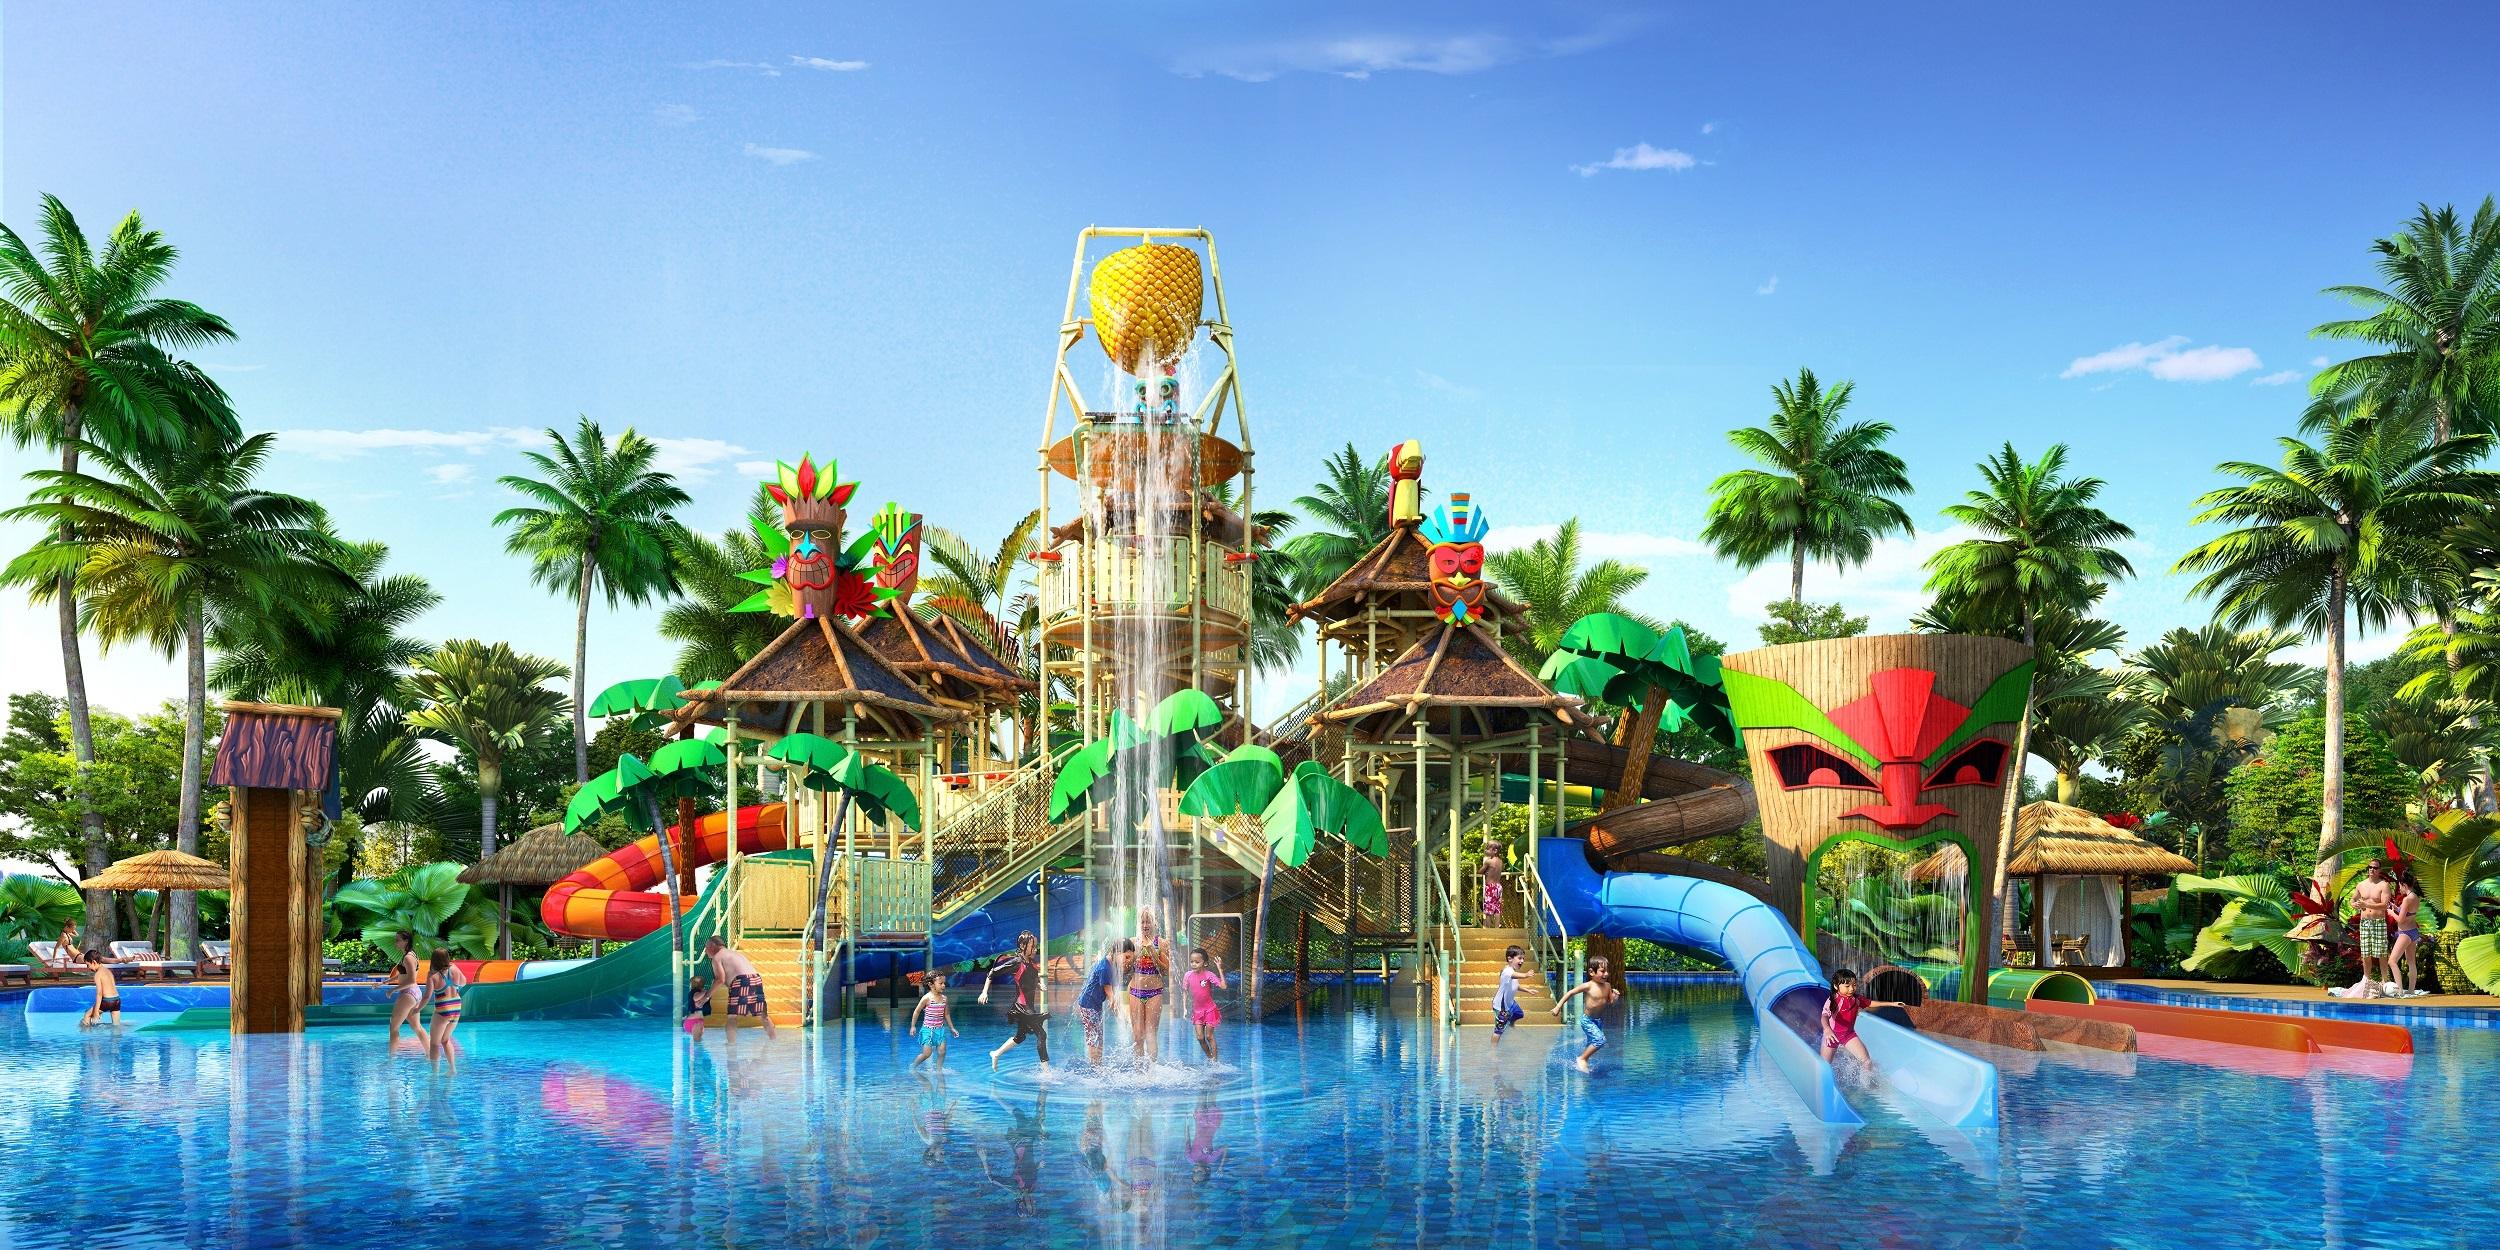 Công viên nước được trang bị hồ tạo sóng và tổ hợp các trò chơi nước liên hoàn